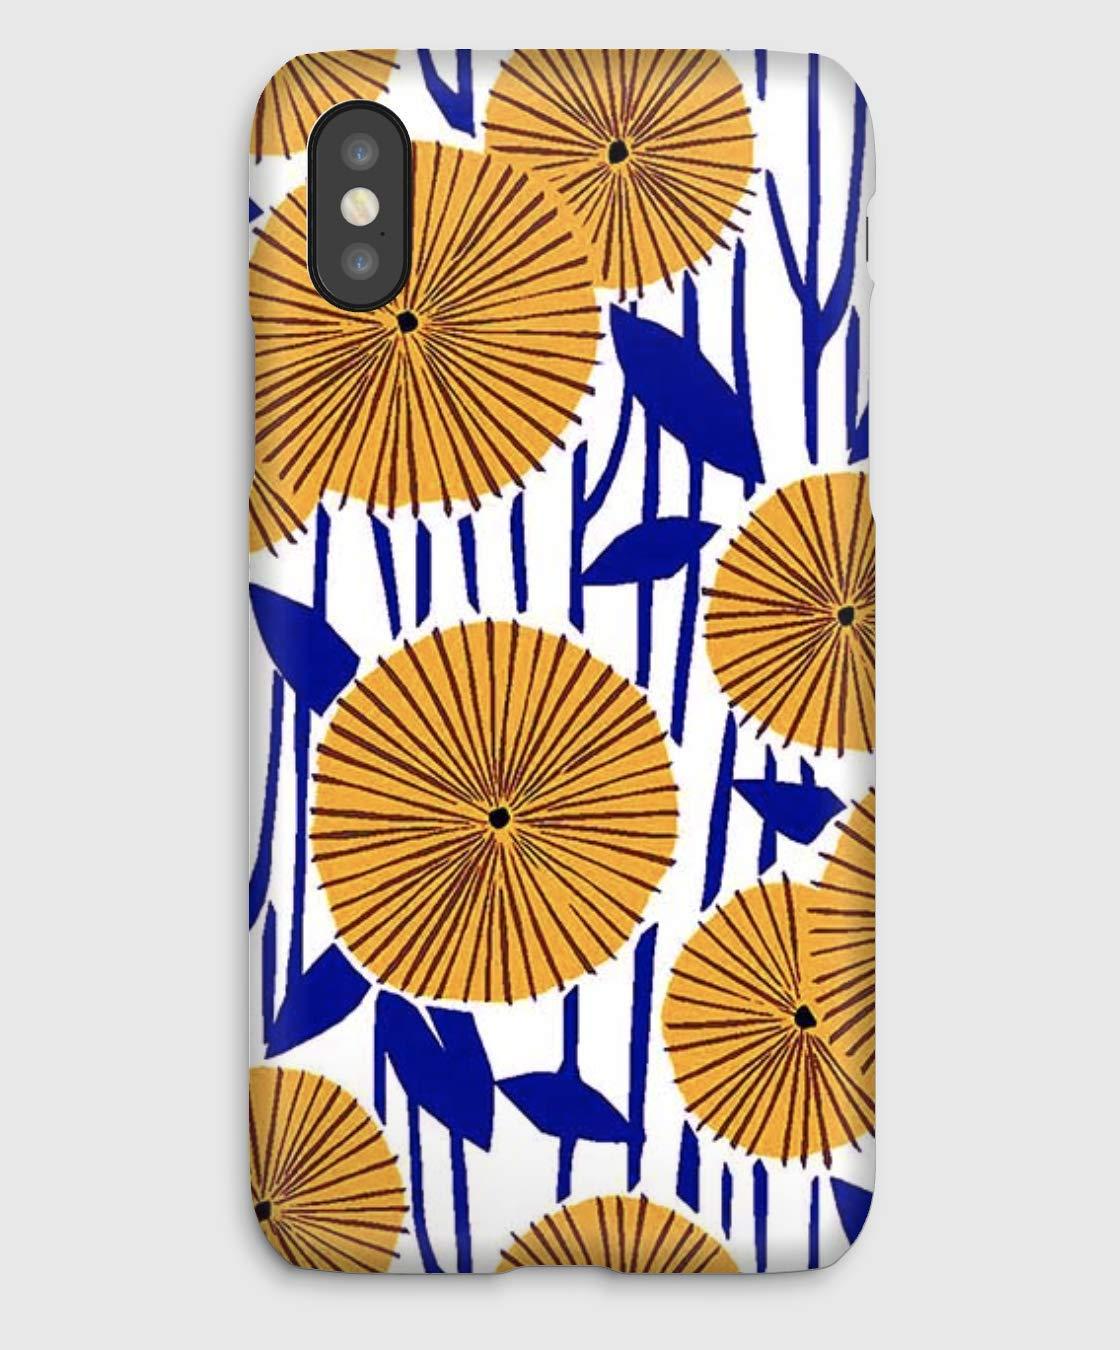 Fleur du soleil O, coque pour iPhone XS, XS Max, XR, X, 8, 8+, 7, 7+, 6S, 6, 6S+, 6+, 5C, 5, 5S, 5SE, 4S, 4,